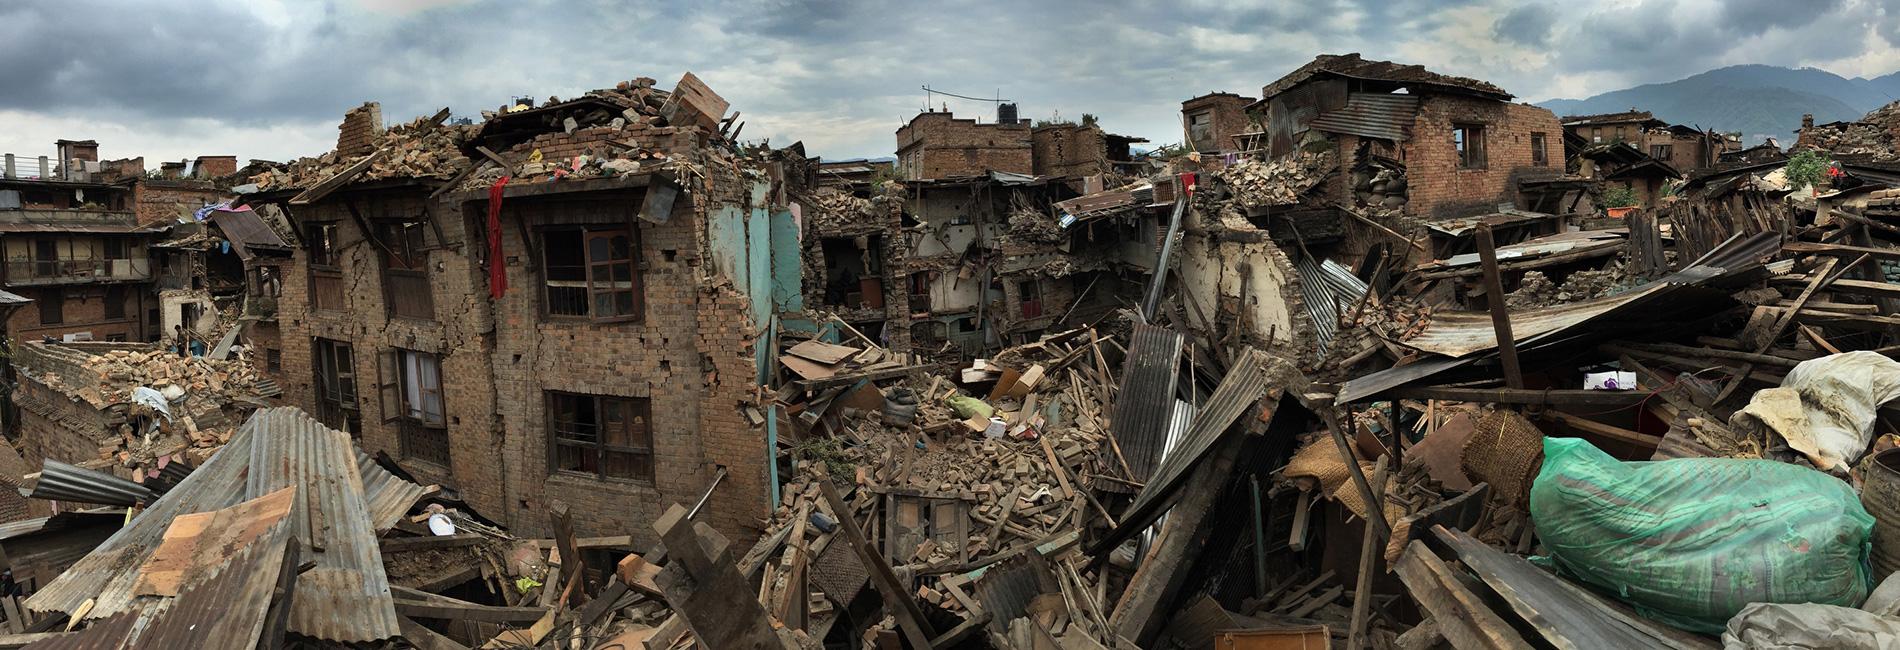 Foto: zerstörte Häuser in Nepal